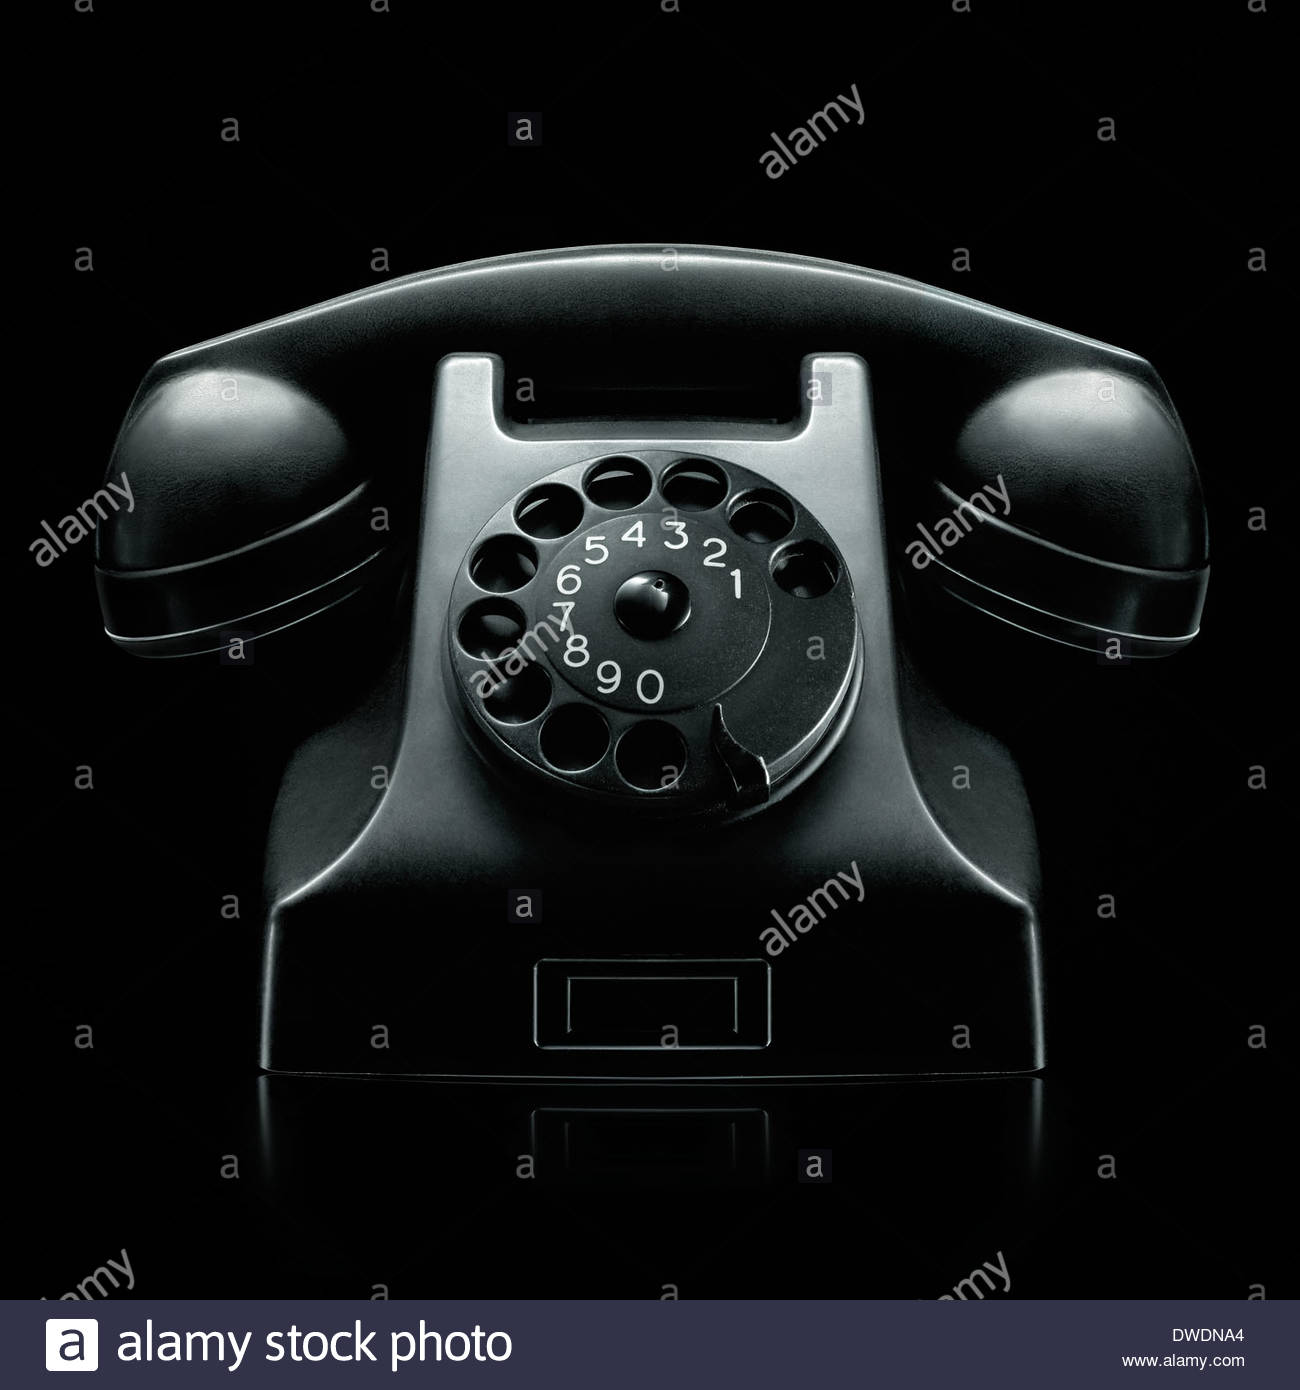 alte Vintage schwarze Wählscheibe Telefon auf sehr launisch dunklen schwarzen Hintergrund fotografiert Stockbild